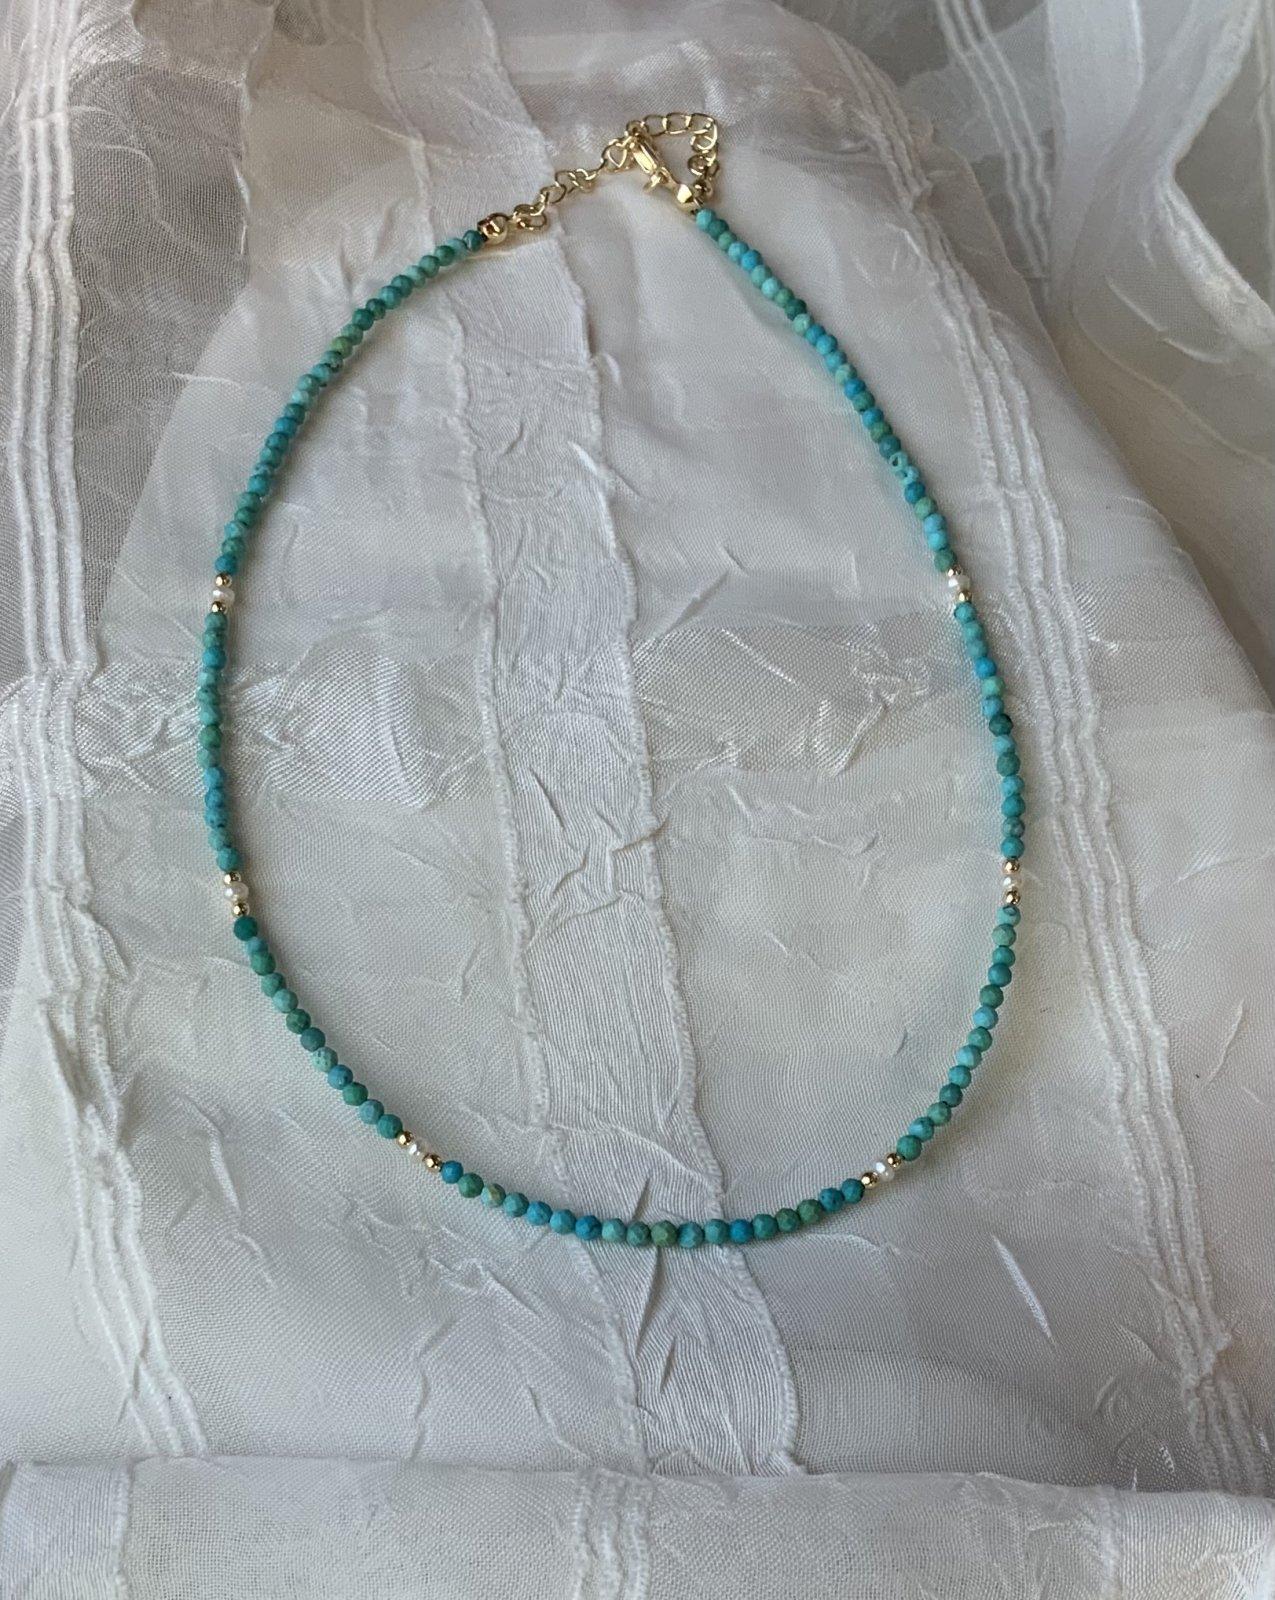 Tiny Stones Necklace Choker 13.5-16